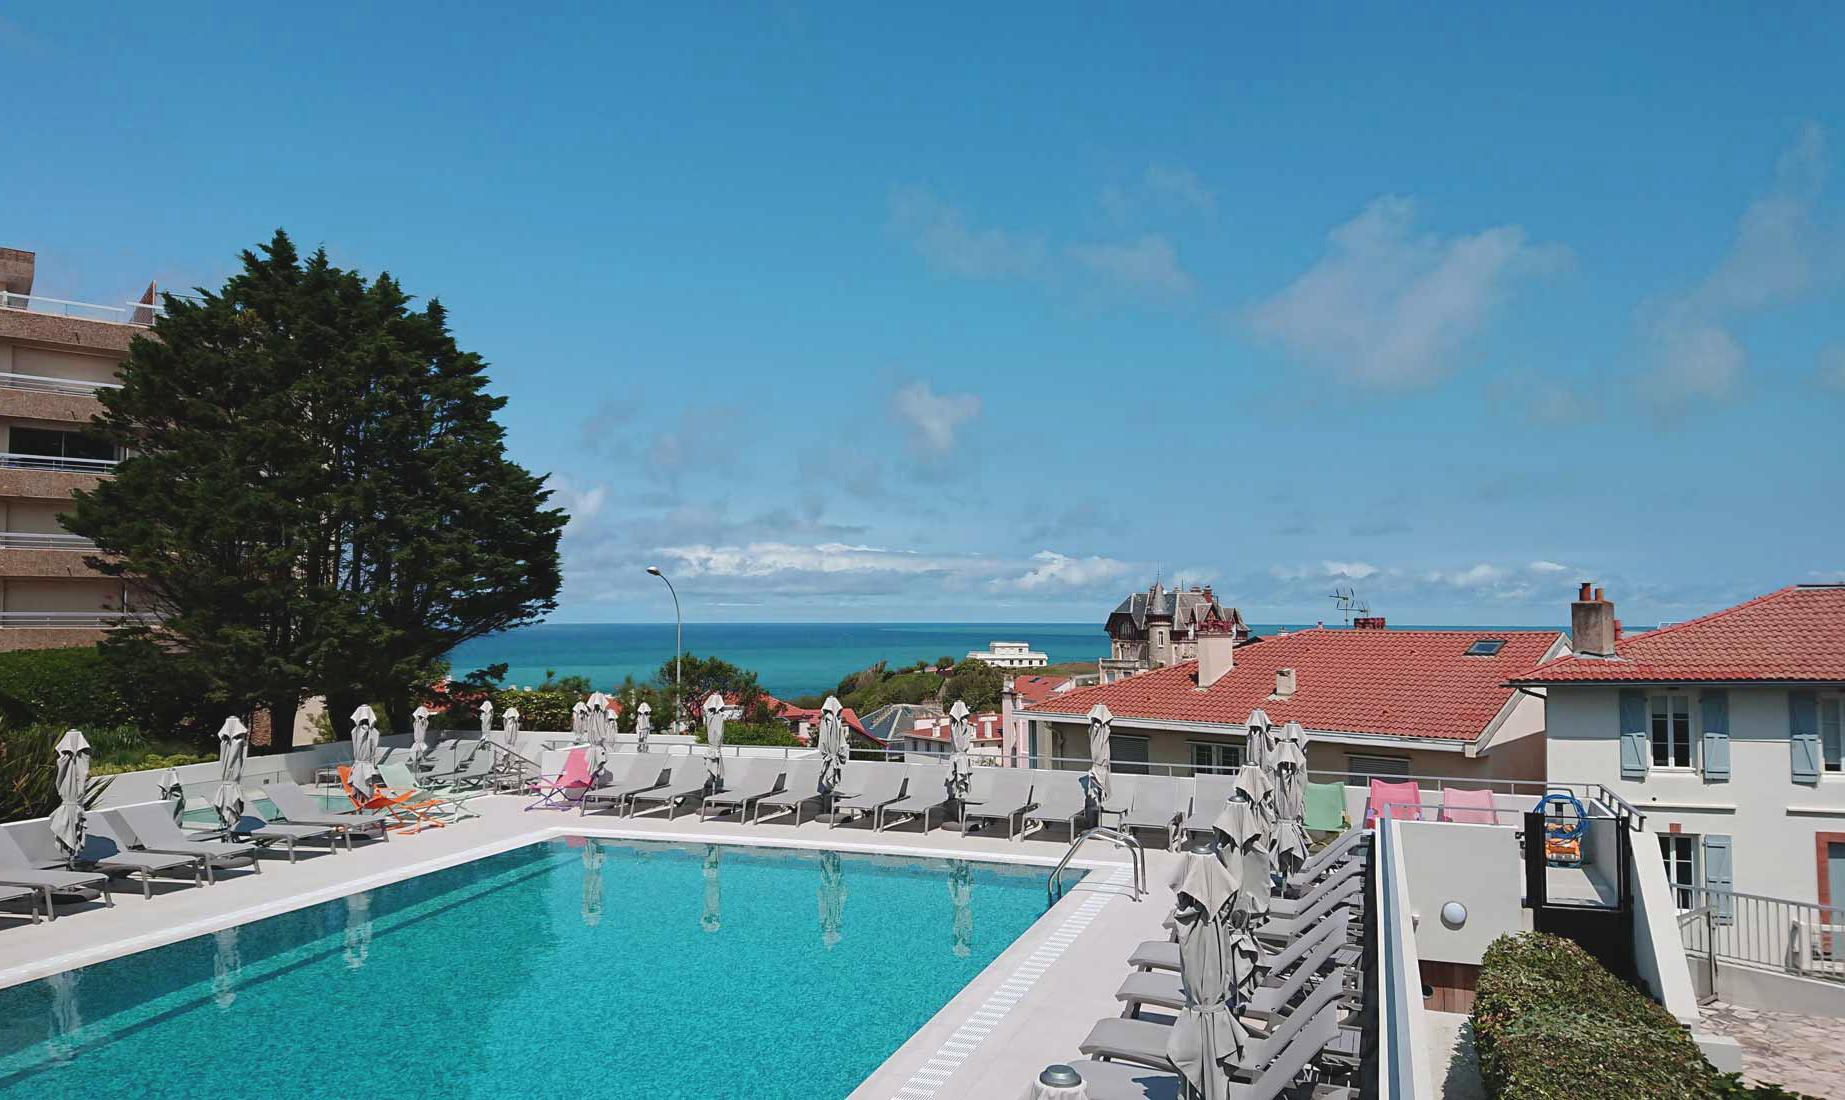 OA biarritz hotel piscine